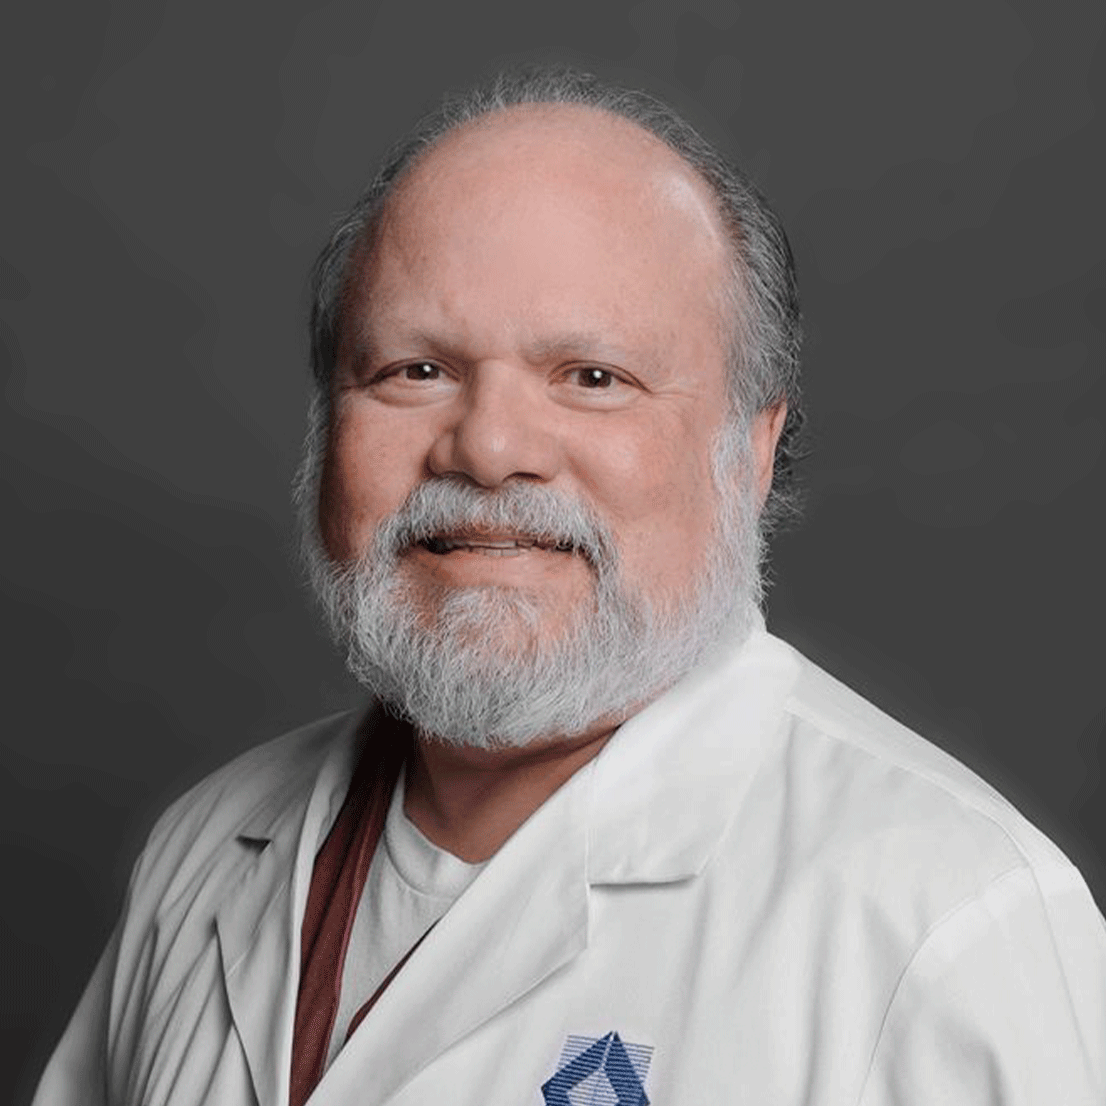 bookman larry md gastroenterology